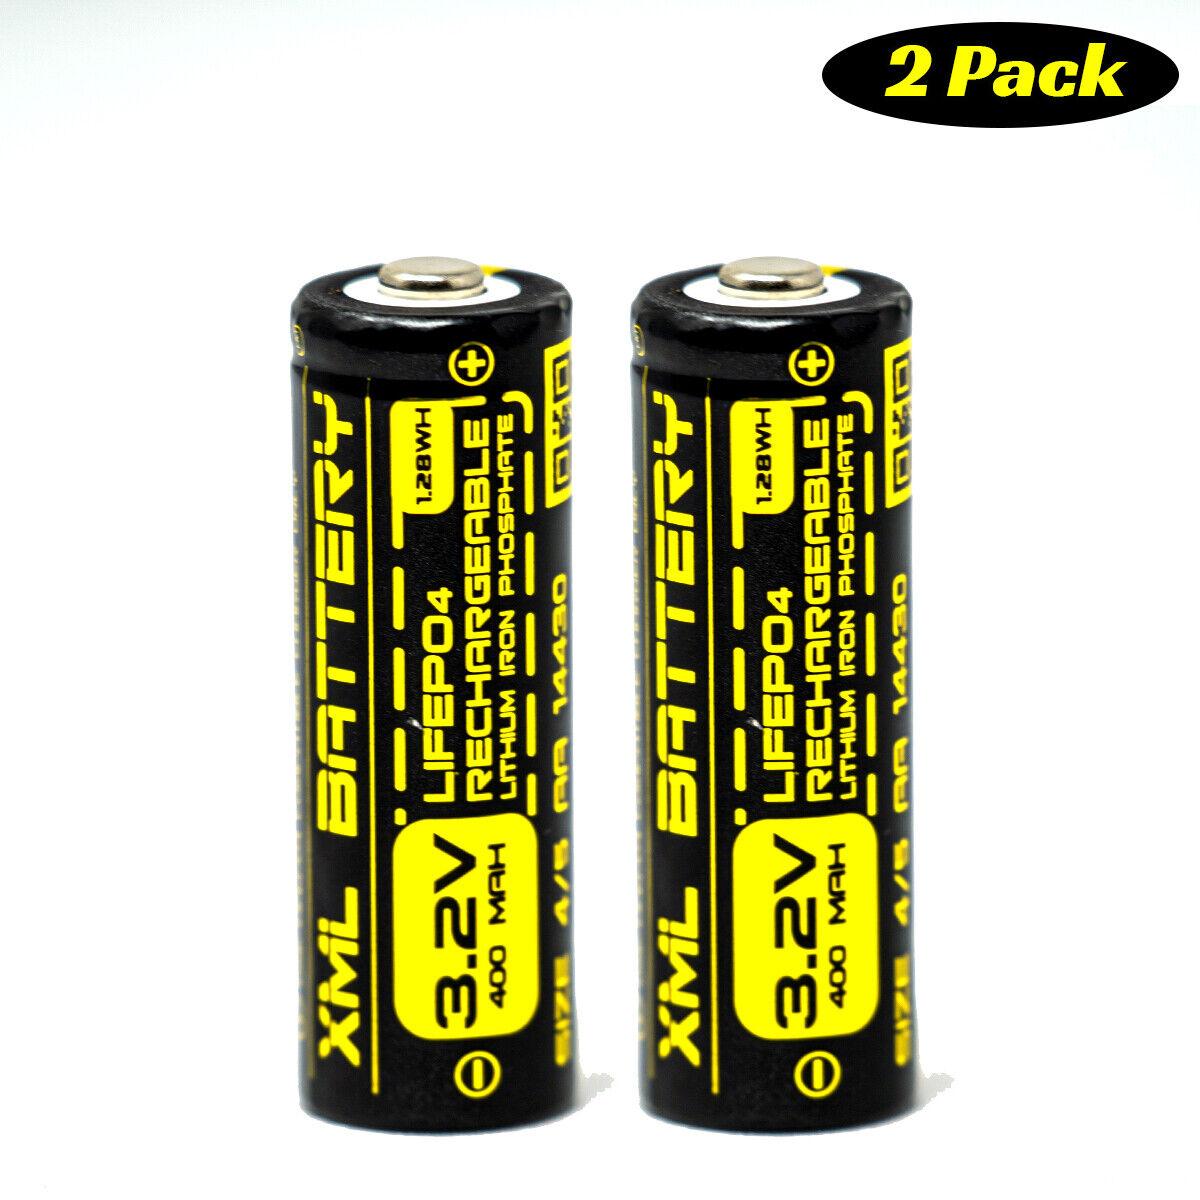 (2 Pack) Solar Garden Light Battery 3.2v 400mAh 4/5AA LifePO4